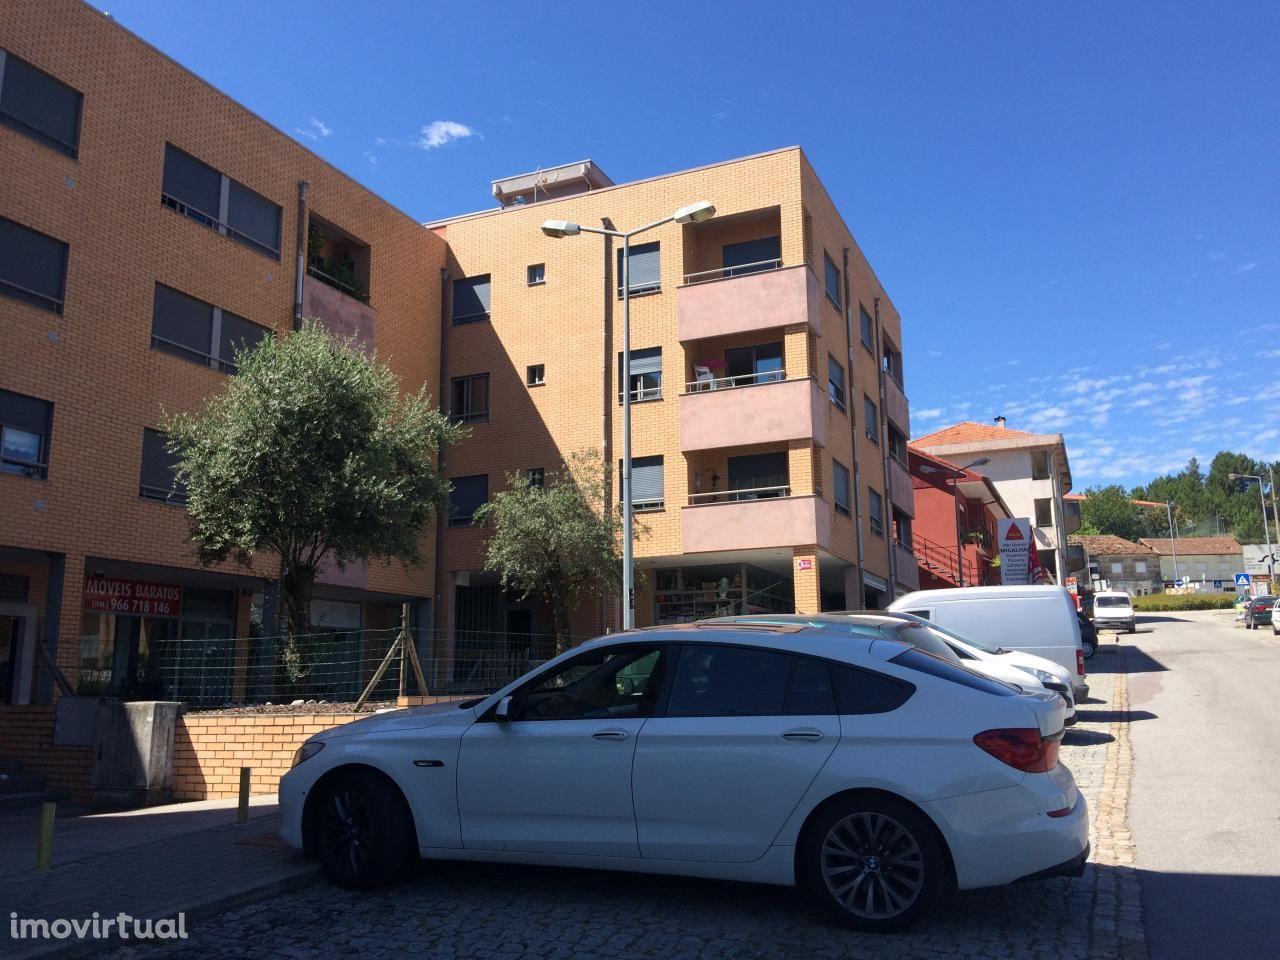 Apartamento T2 no centro de Fervença, Celorico de Basto